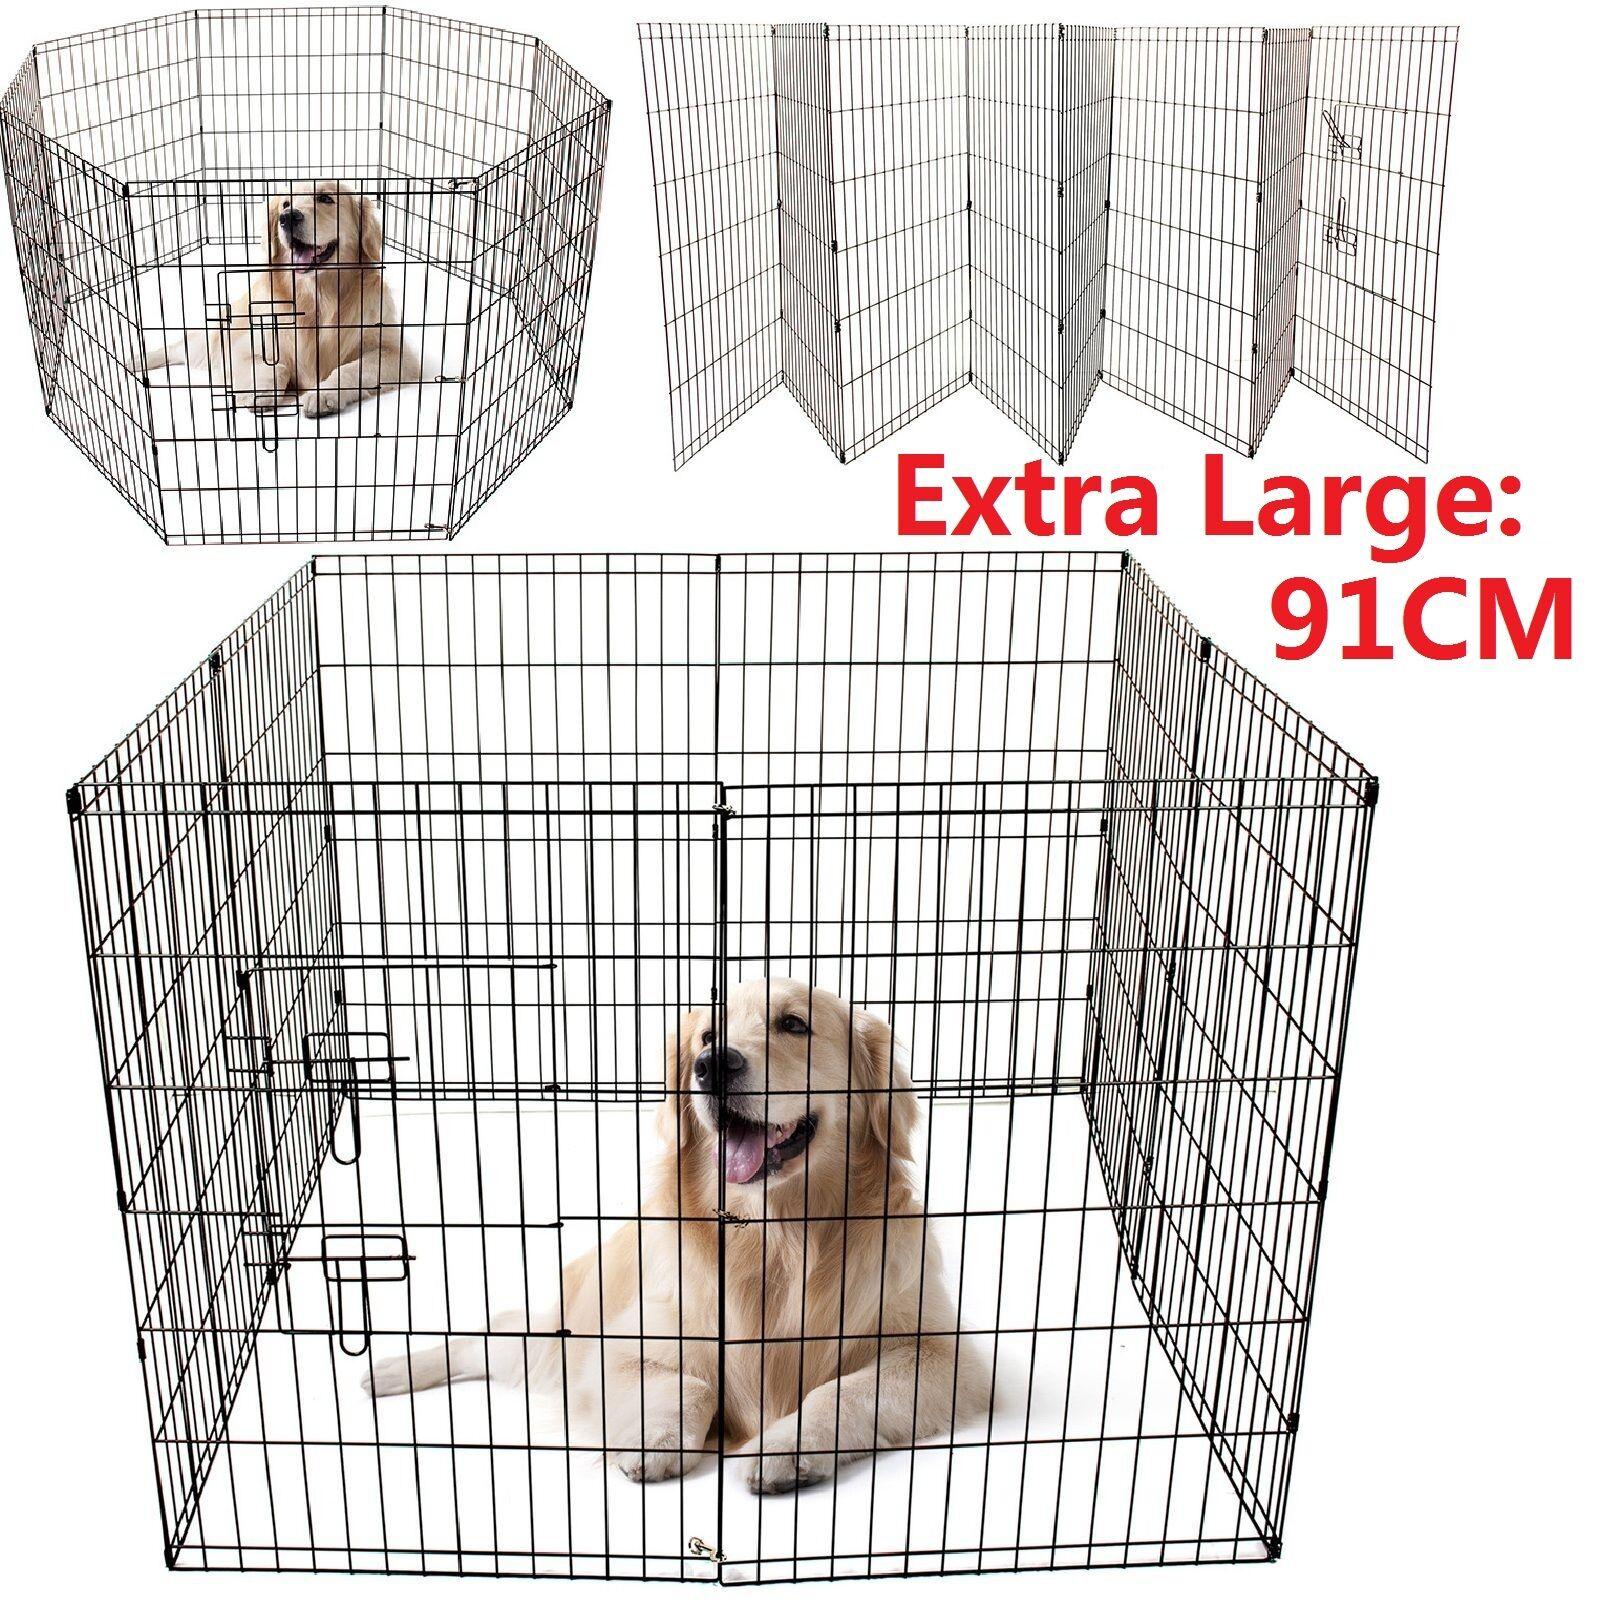 Recinzioni Giardino Per Cani.Recinto Grande Per Cuccioli Cuccioli Cuccioli Giardino Esterno Box